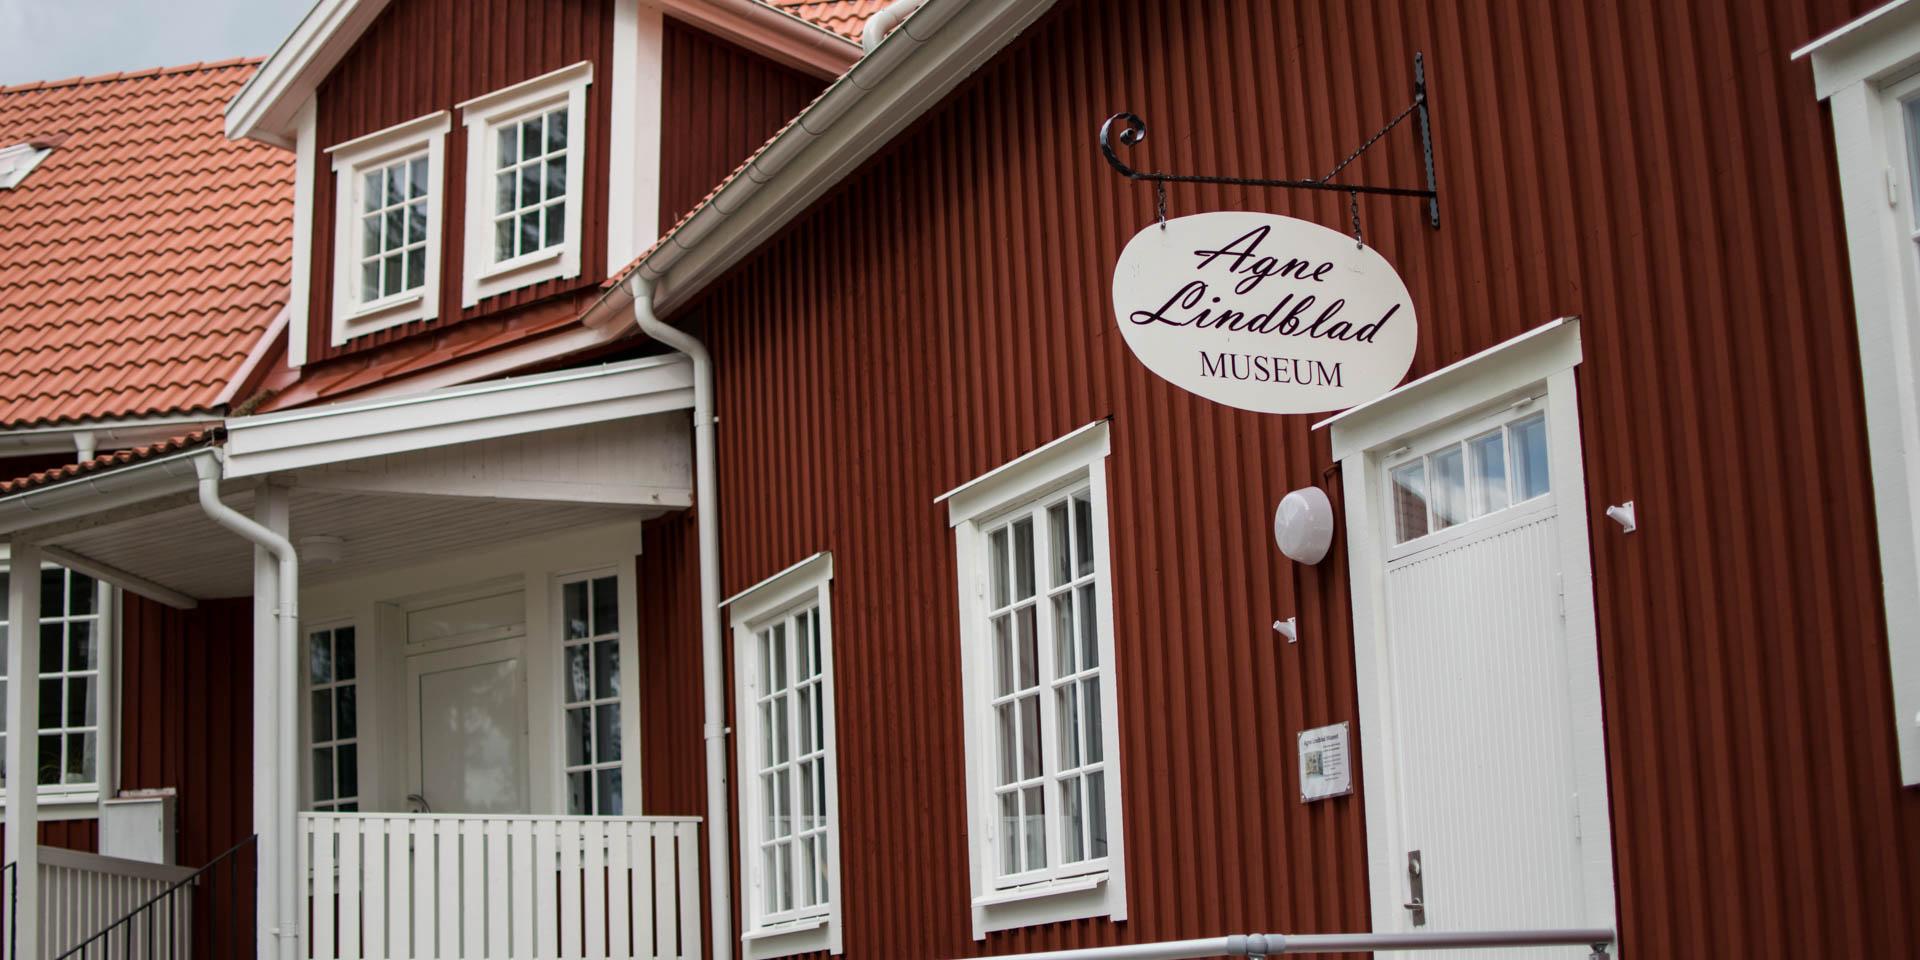 Agne Lindblad Museum 2017